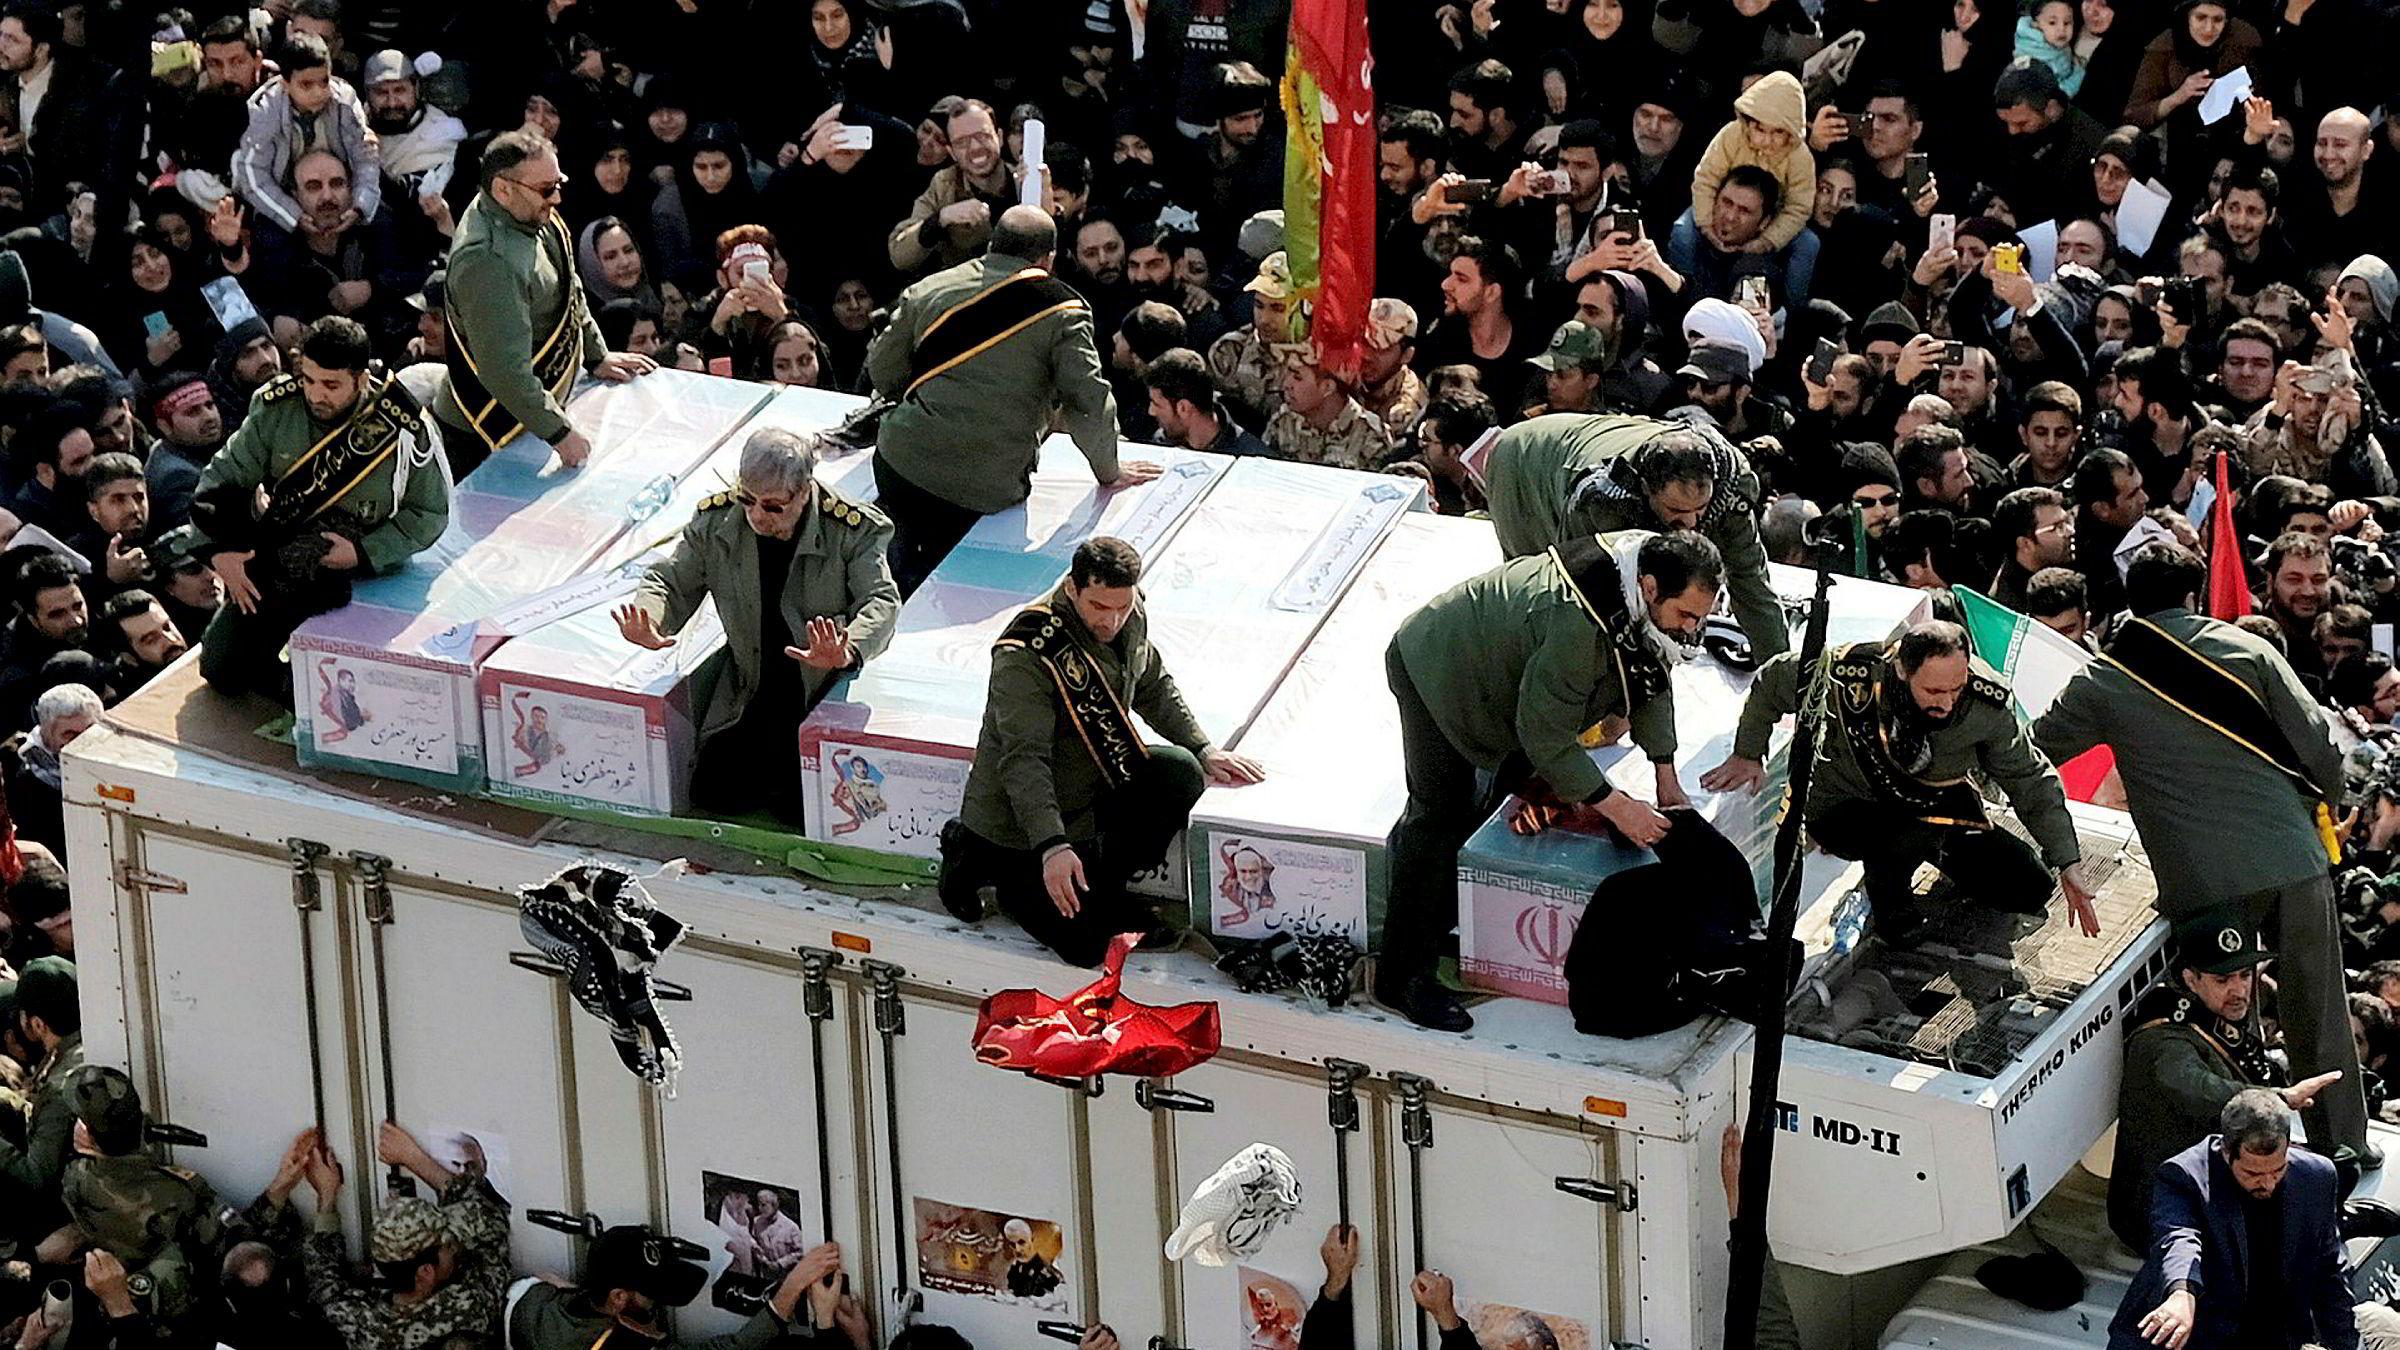 Kisten til den iranske generalen Qasem Soleimani, og andre som ble drept av en amerikansk drone sist fredag, ble mottatt av flere hundre tusen mennesker i Teheran på mandag. Iran lover hevn mot USA.